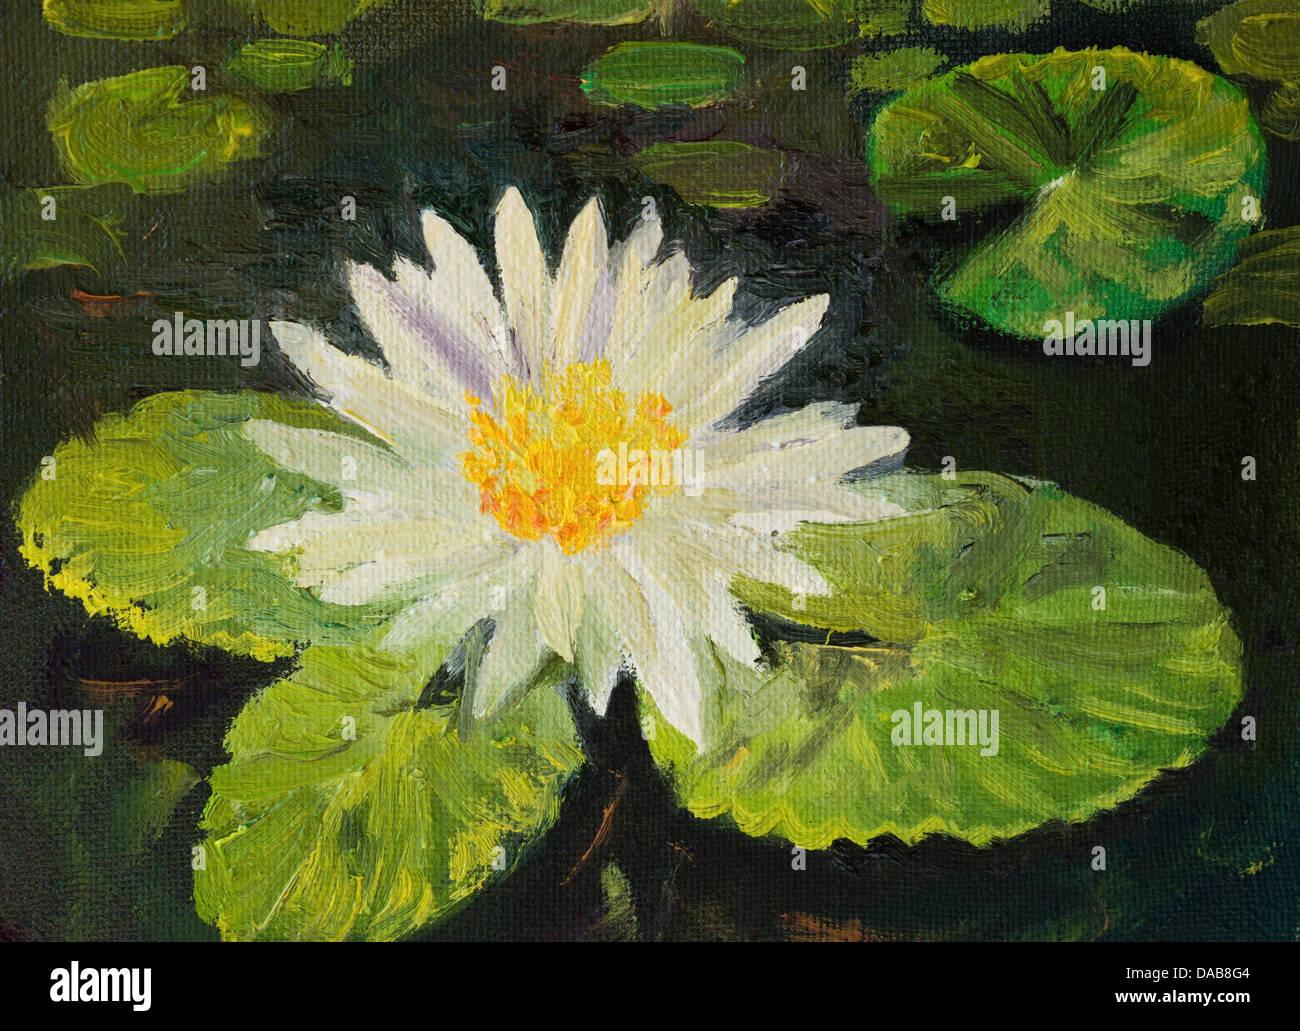 Un dipinto ad olio su un giglio di acqua in un laghetto con le foglie colorate e luminose blossom. Immagini Stock